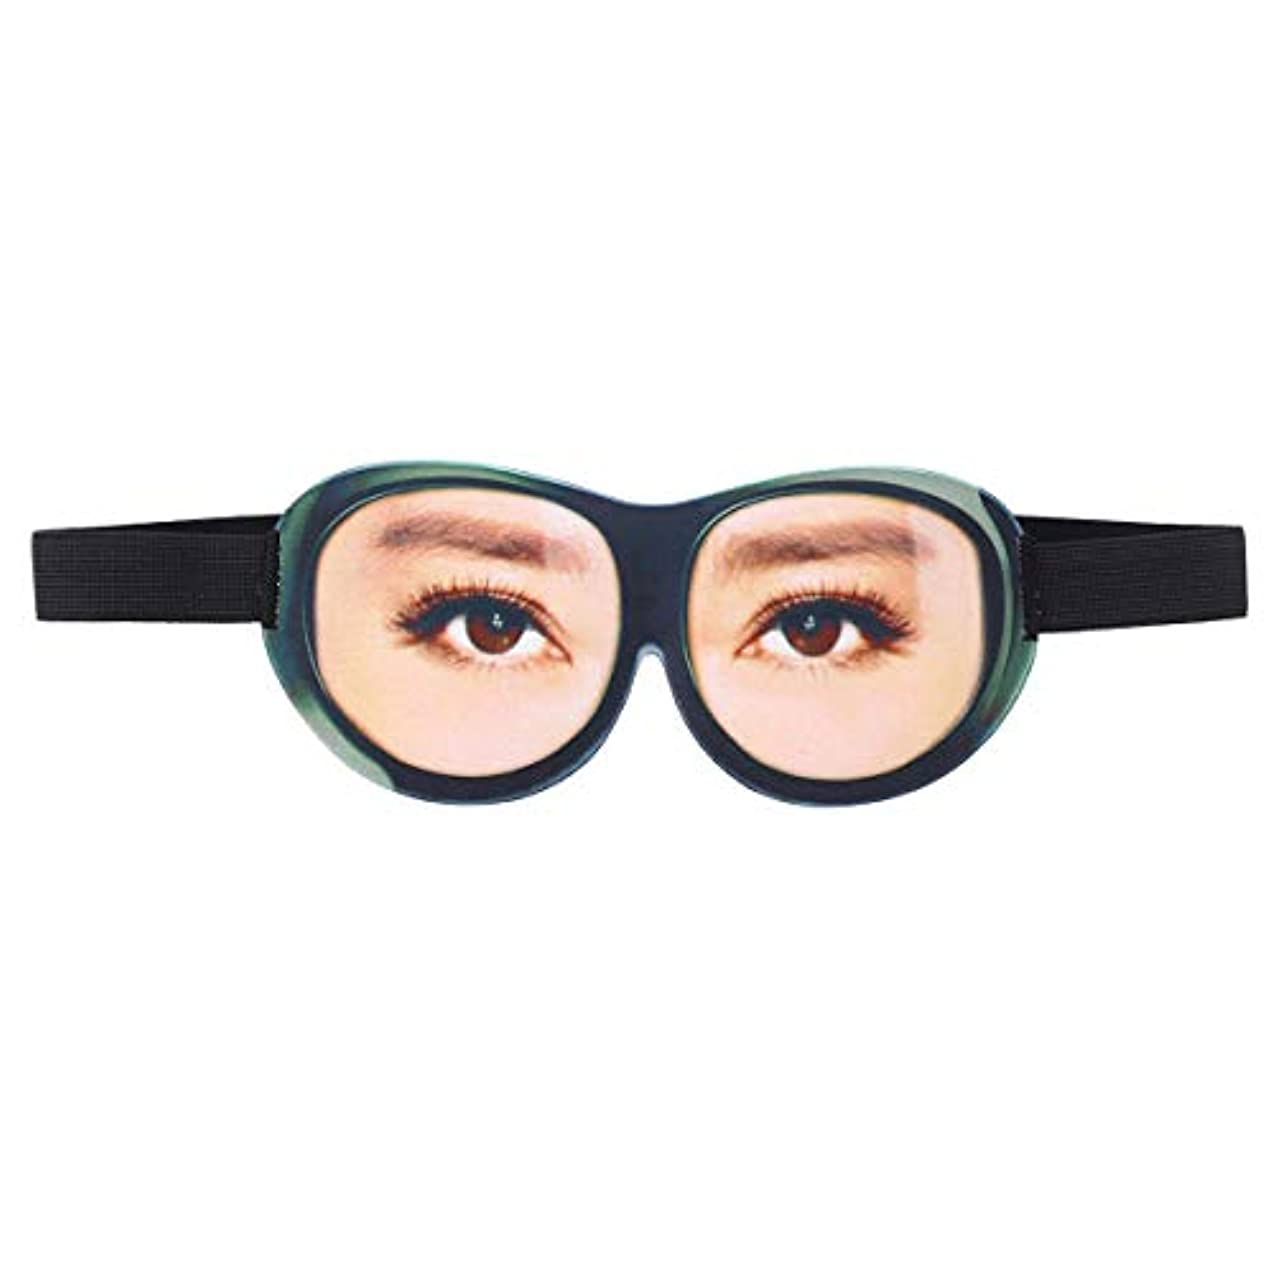 成功するそれぞれ学ぶHealifty 睡眠目隠し3D面白いアイシェード通気性睡眠マスク旅行睡眠ヘルパーアイシェード用男性と女性